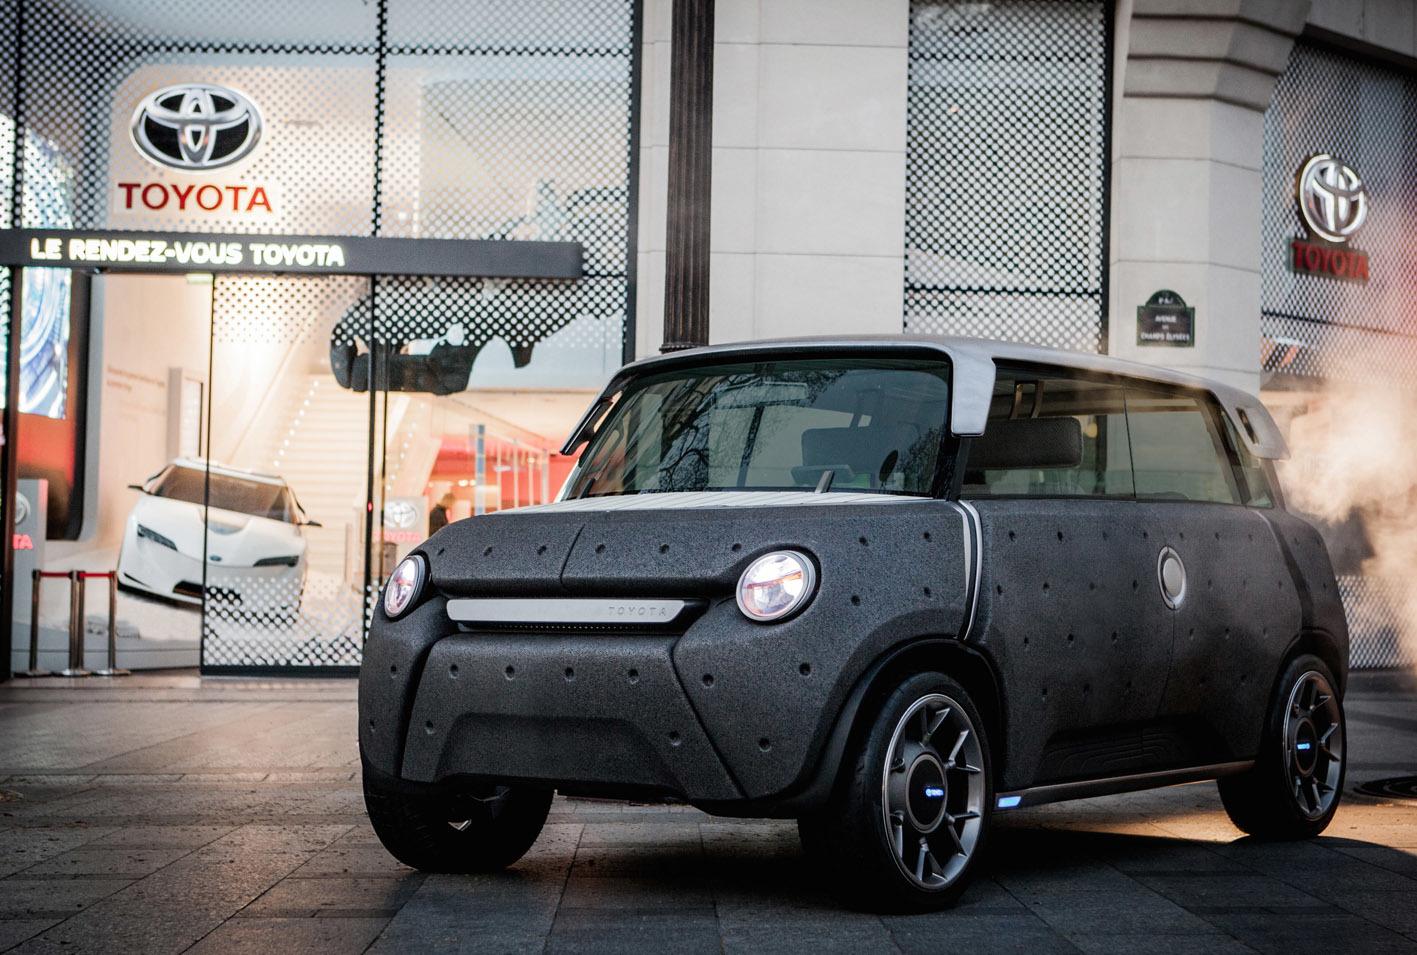 欧州トヨタが発表したコンセプトカー「ME.WE」。夢のクルマかと思われていたが、案外作り込まれている